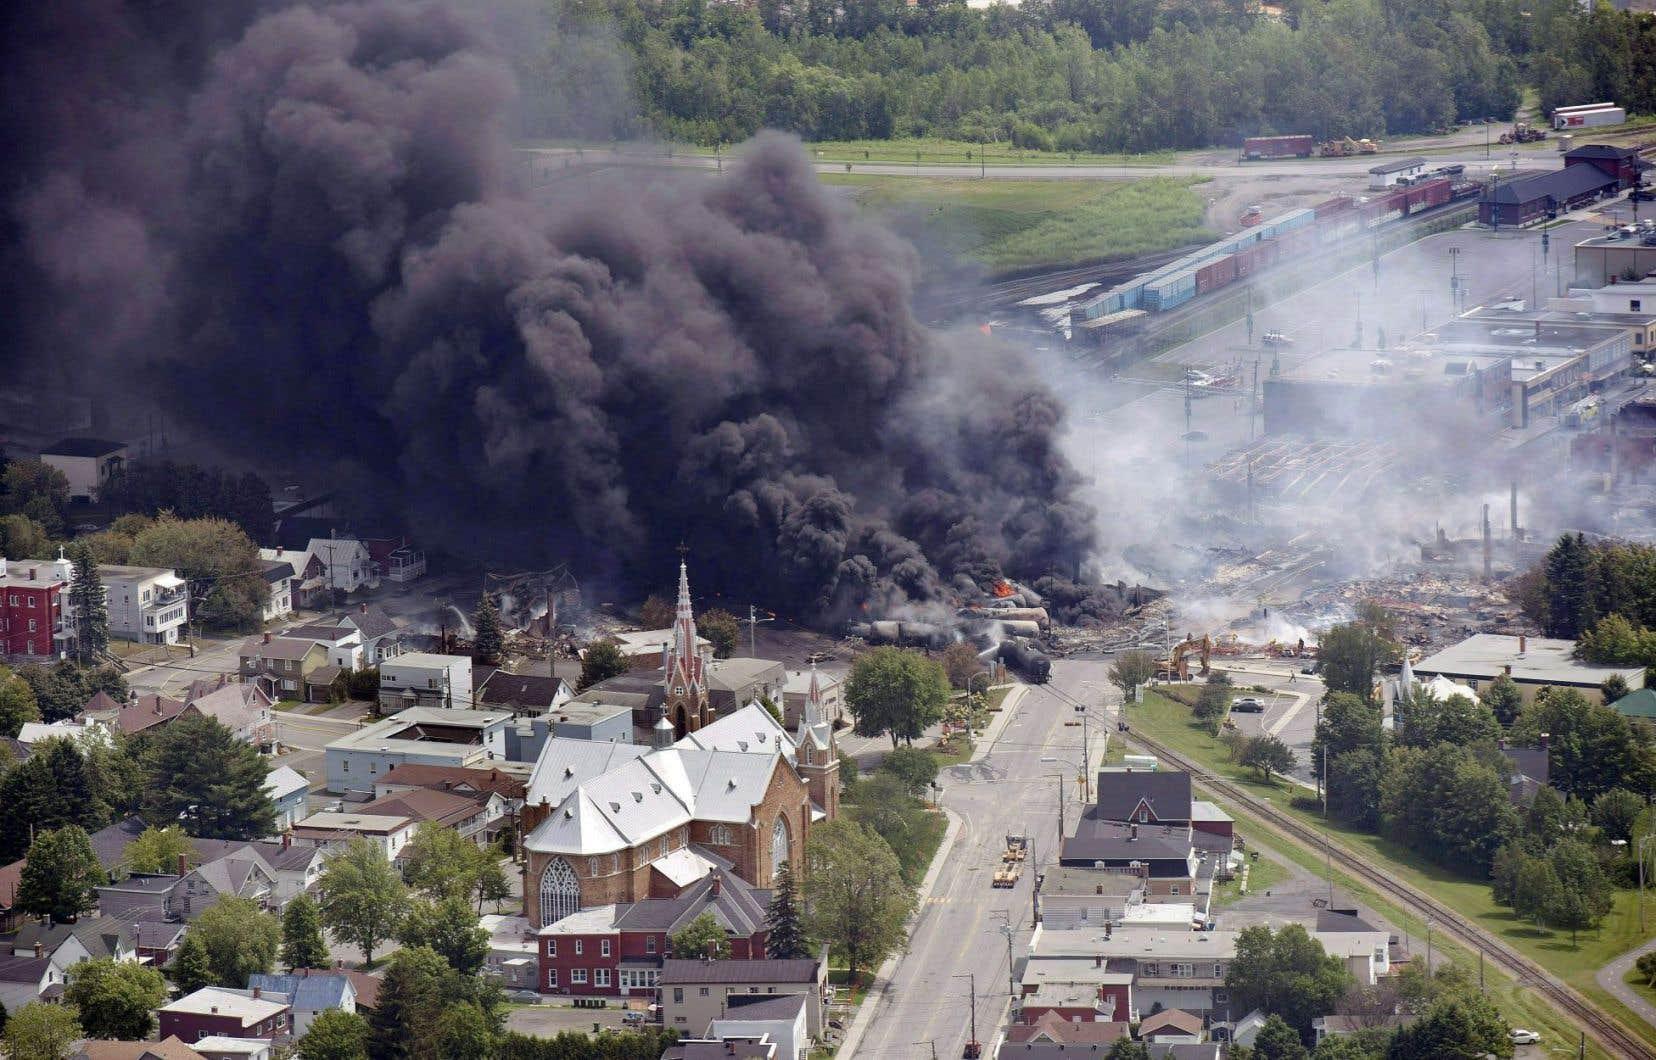 Quarante-sept personnes avaient perdu la vie en juillet2013 lorsqu'un train de 72 wagons-citernes avait explosé en plein cœur de Lac-Mégantic. Depuis, la Ville réclame que la voie ferrée soit déplacée loin du centre-ville.